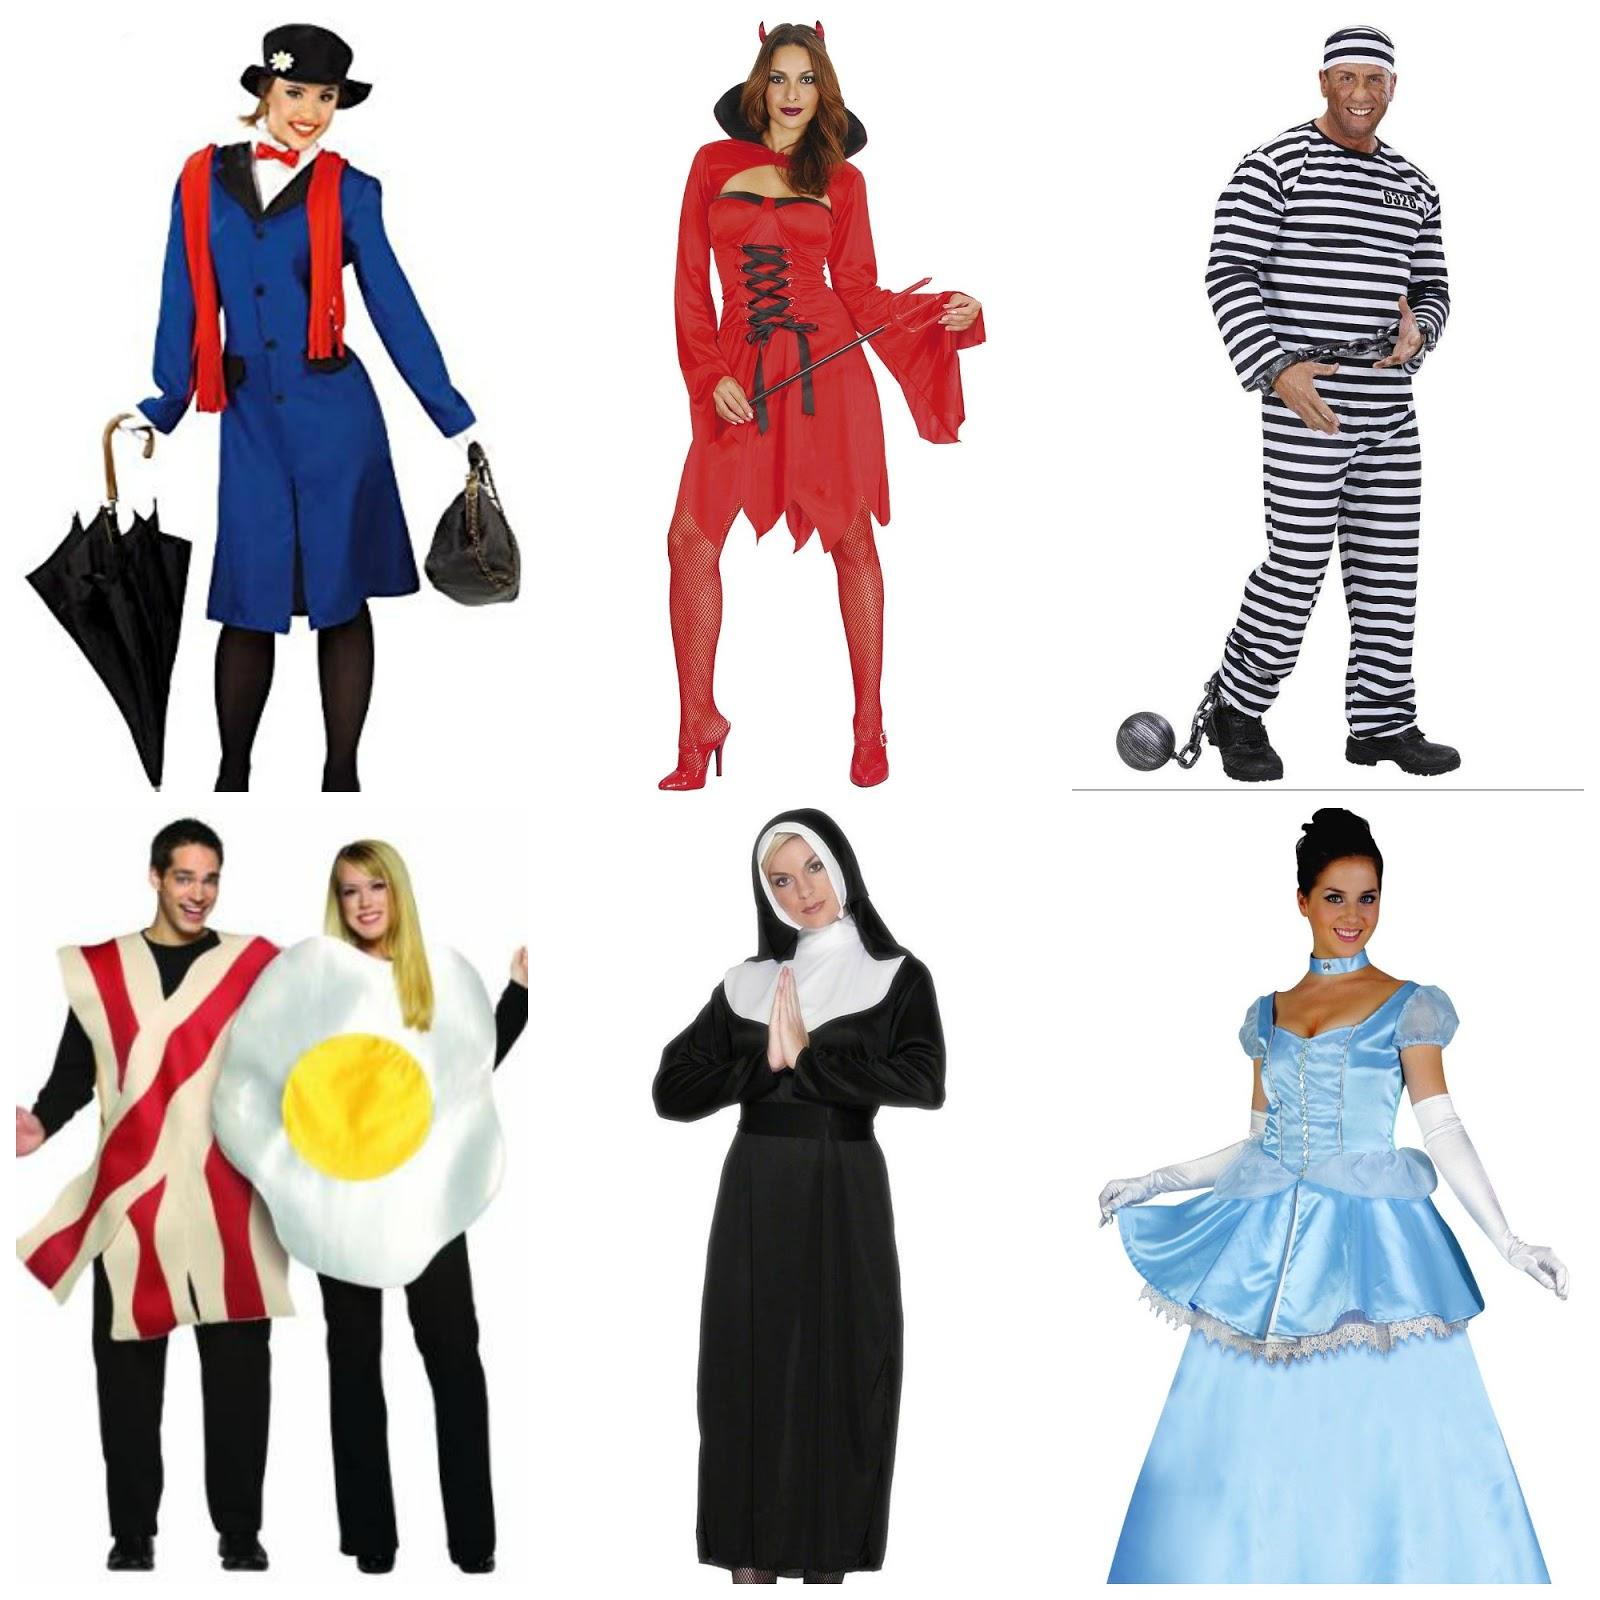 12 Costumi di Carnevale fai da te facilissimi e low cost per adulti ... 6402884593ab